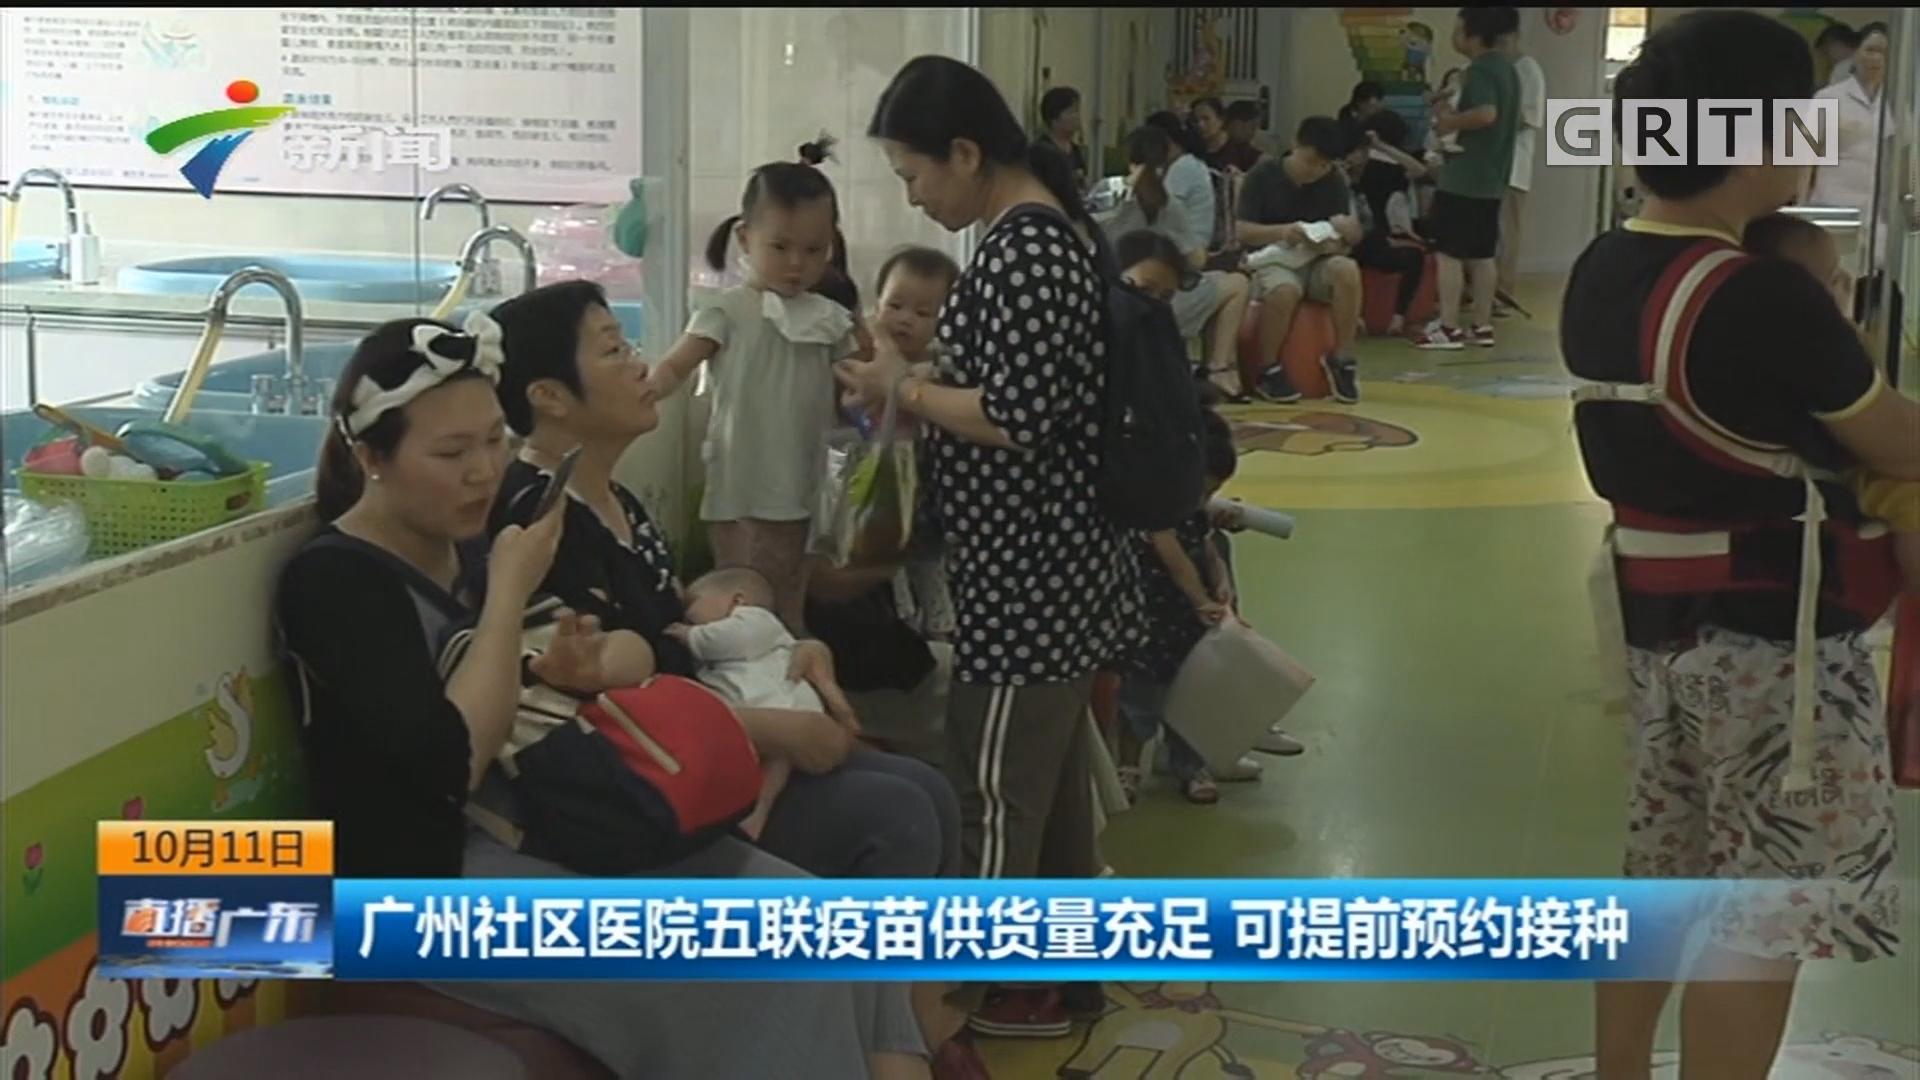 广州社区医院五联疫苗供货量充足 可提前预约接种